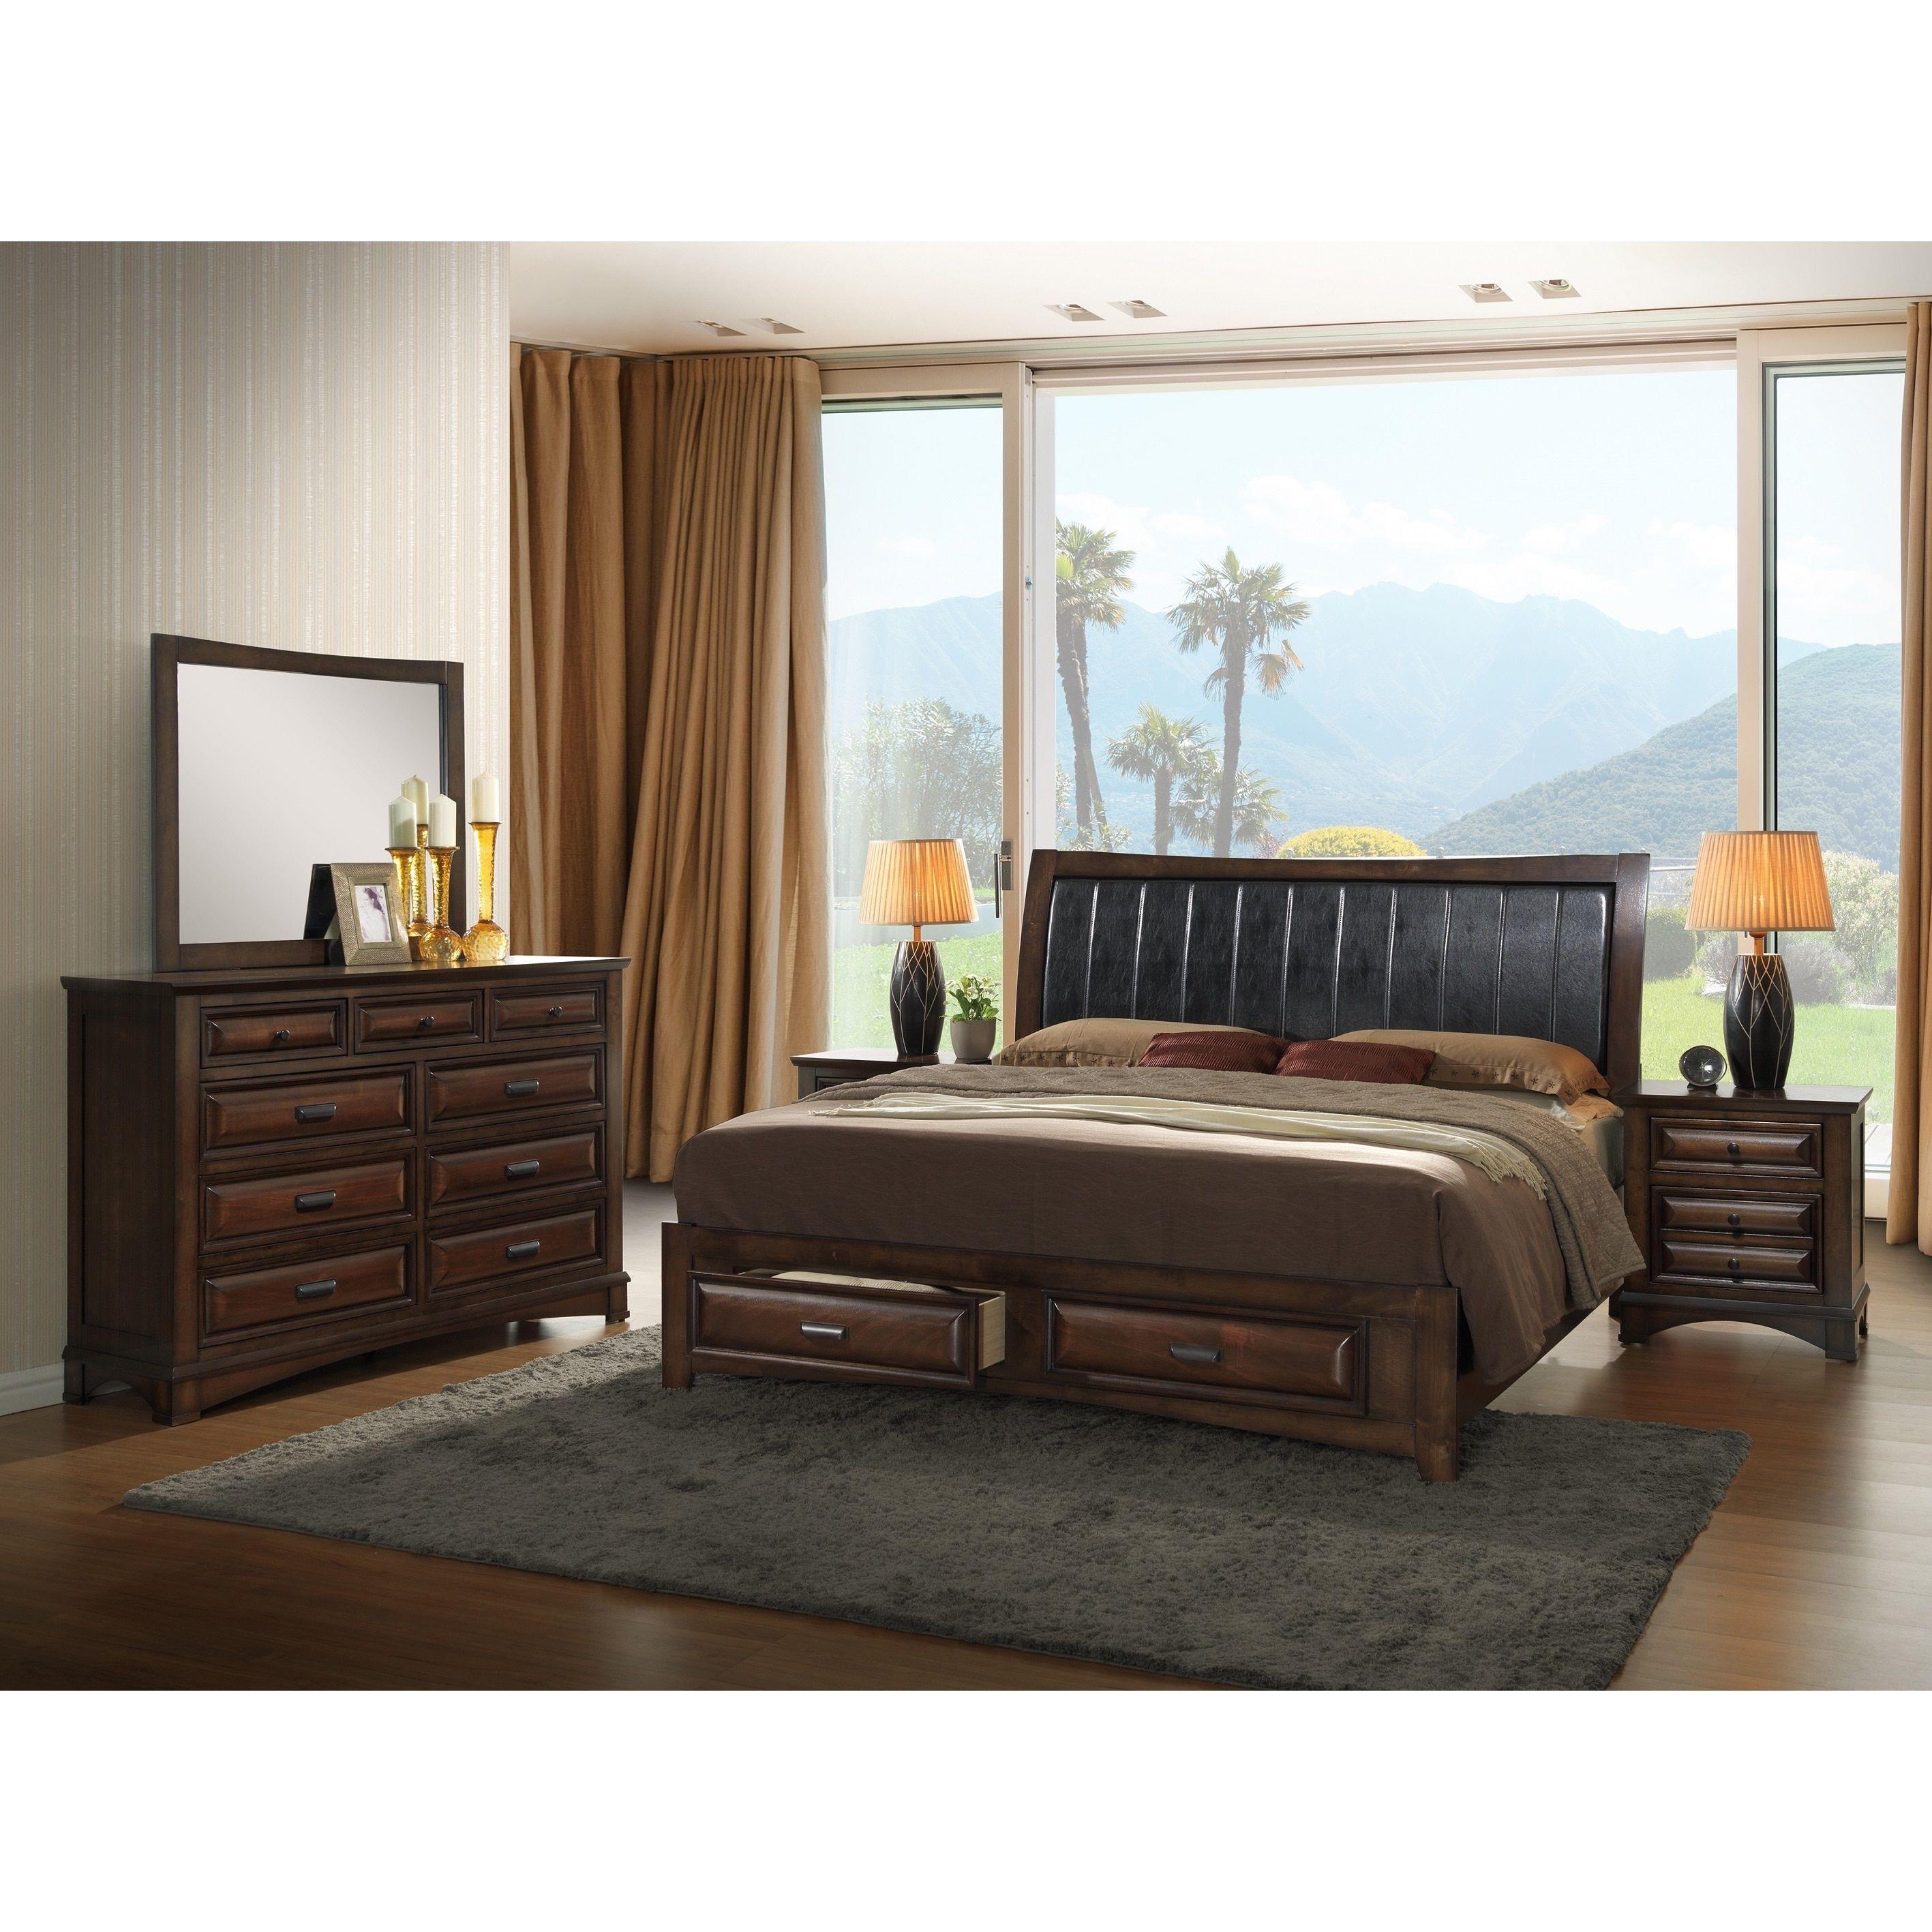 Broval light espresso wood kingsize storage bedroom set king